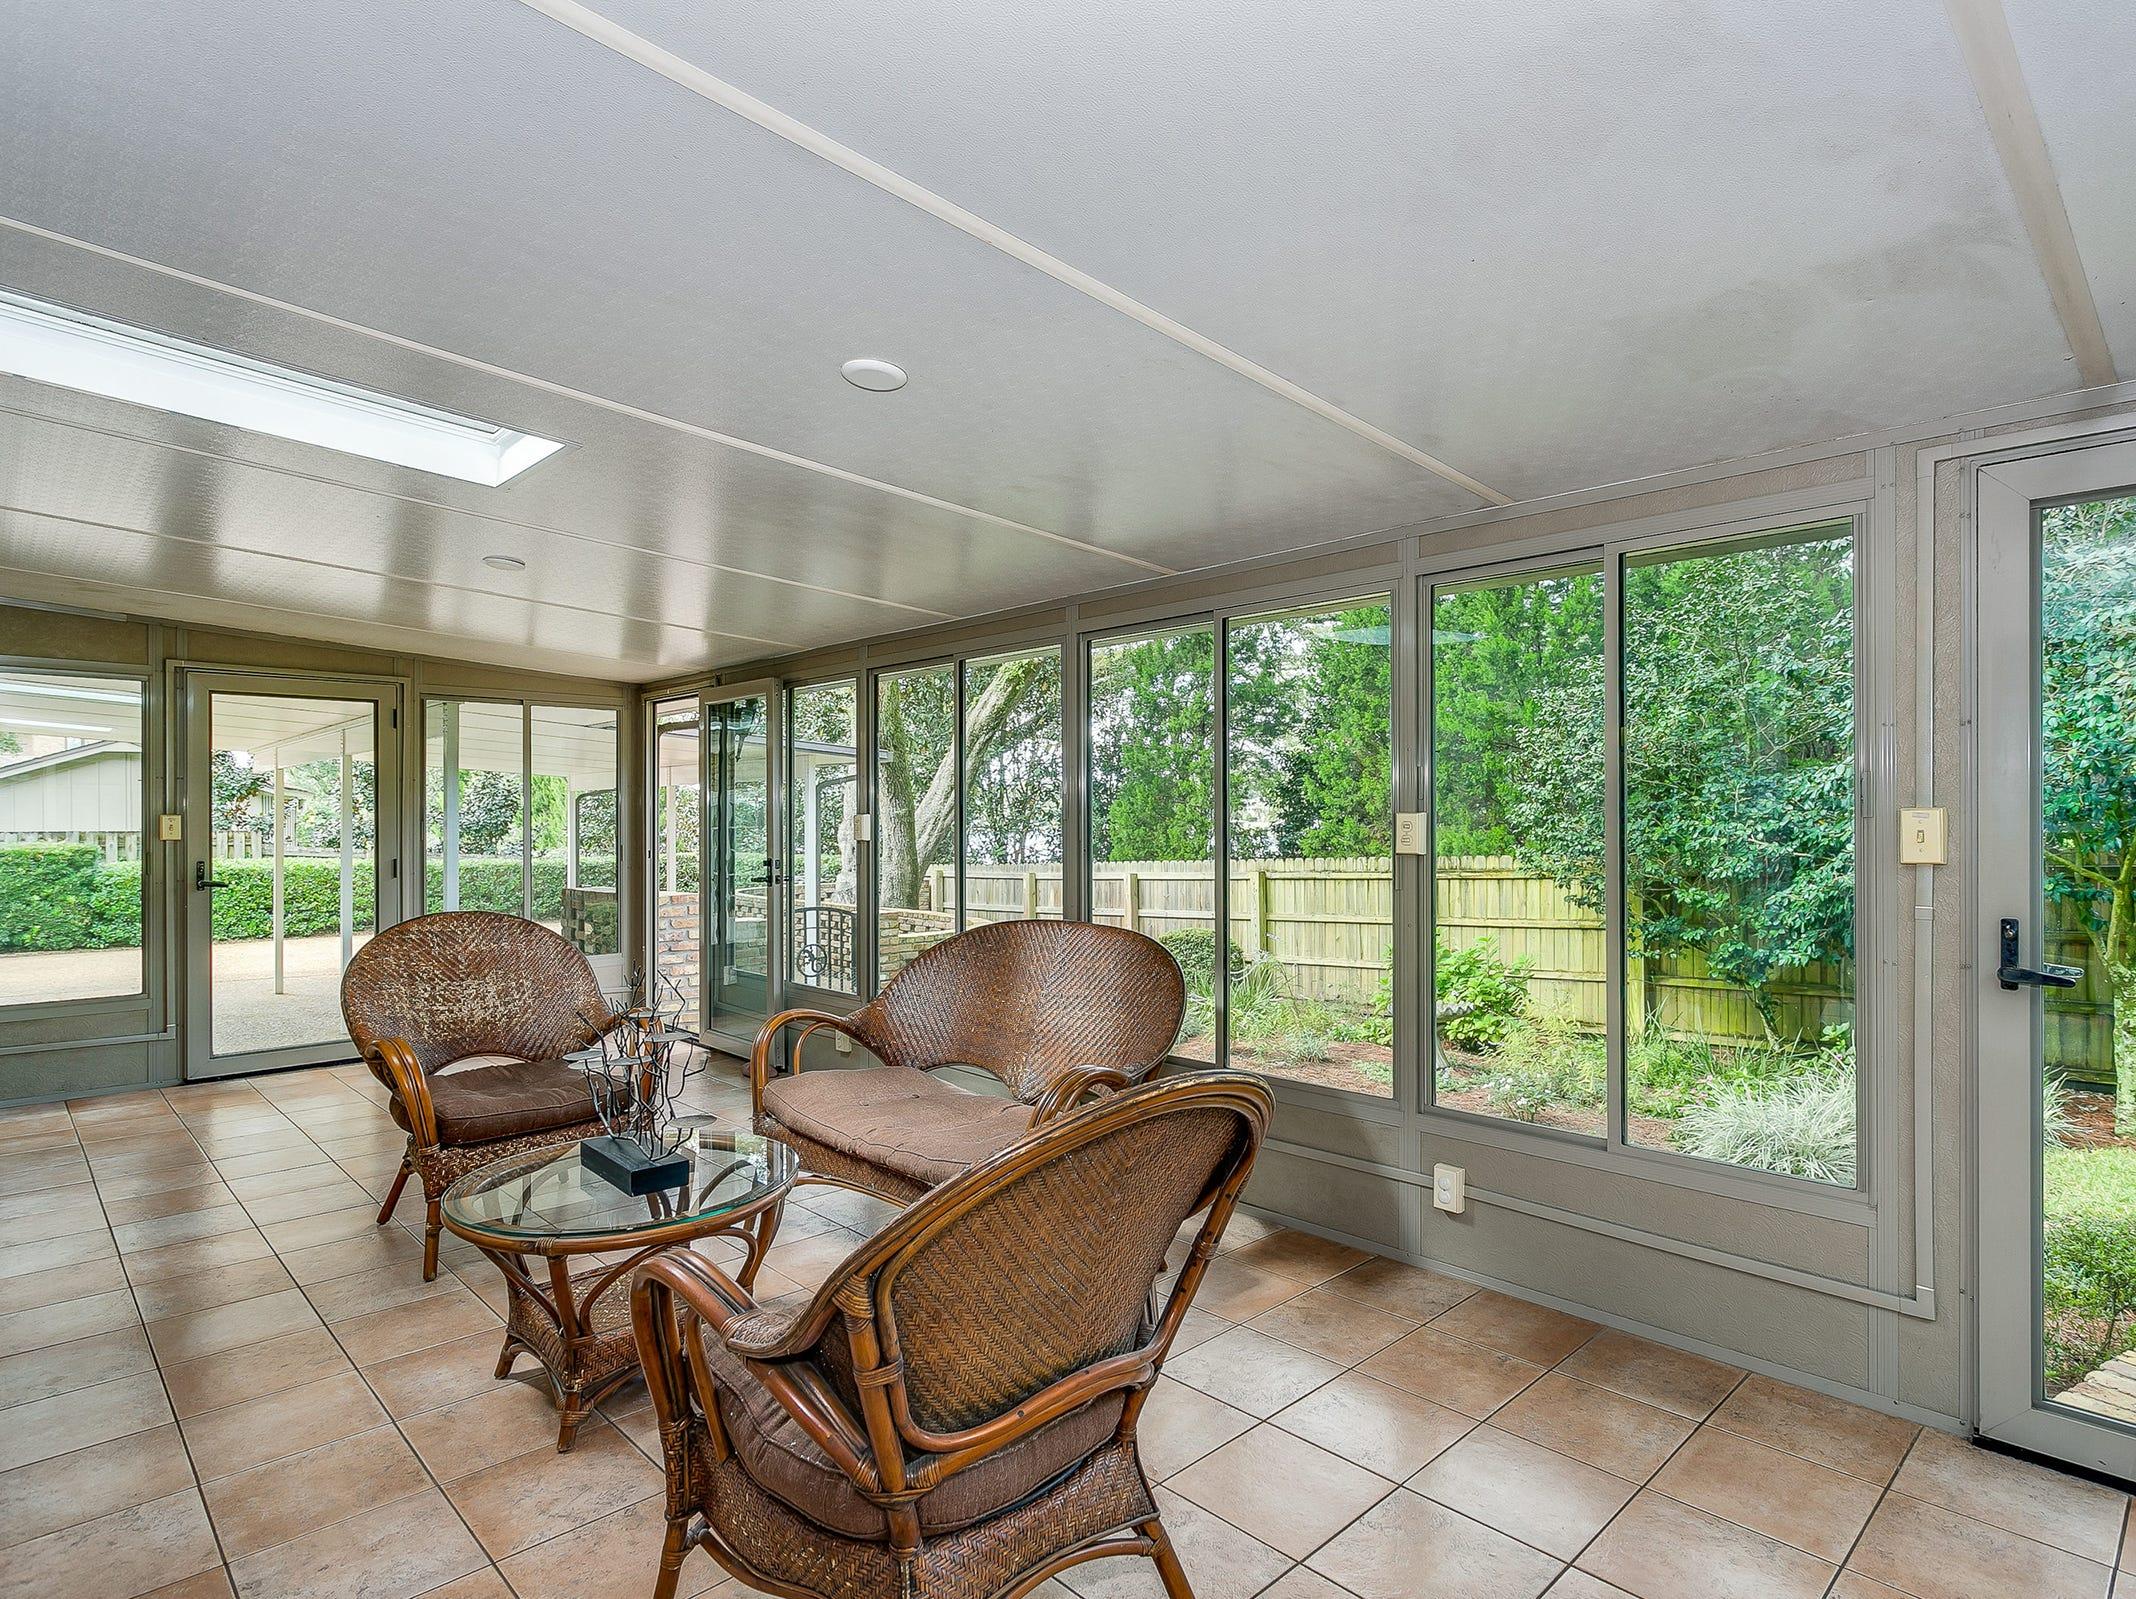 2700 Endor RoadThe sun porch.